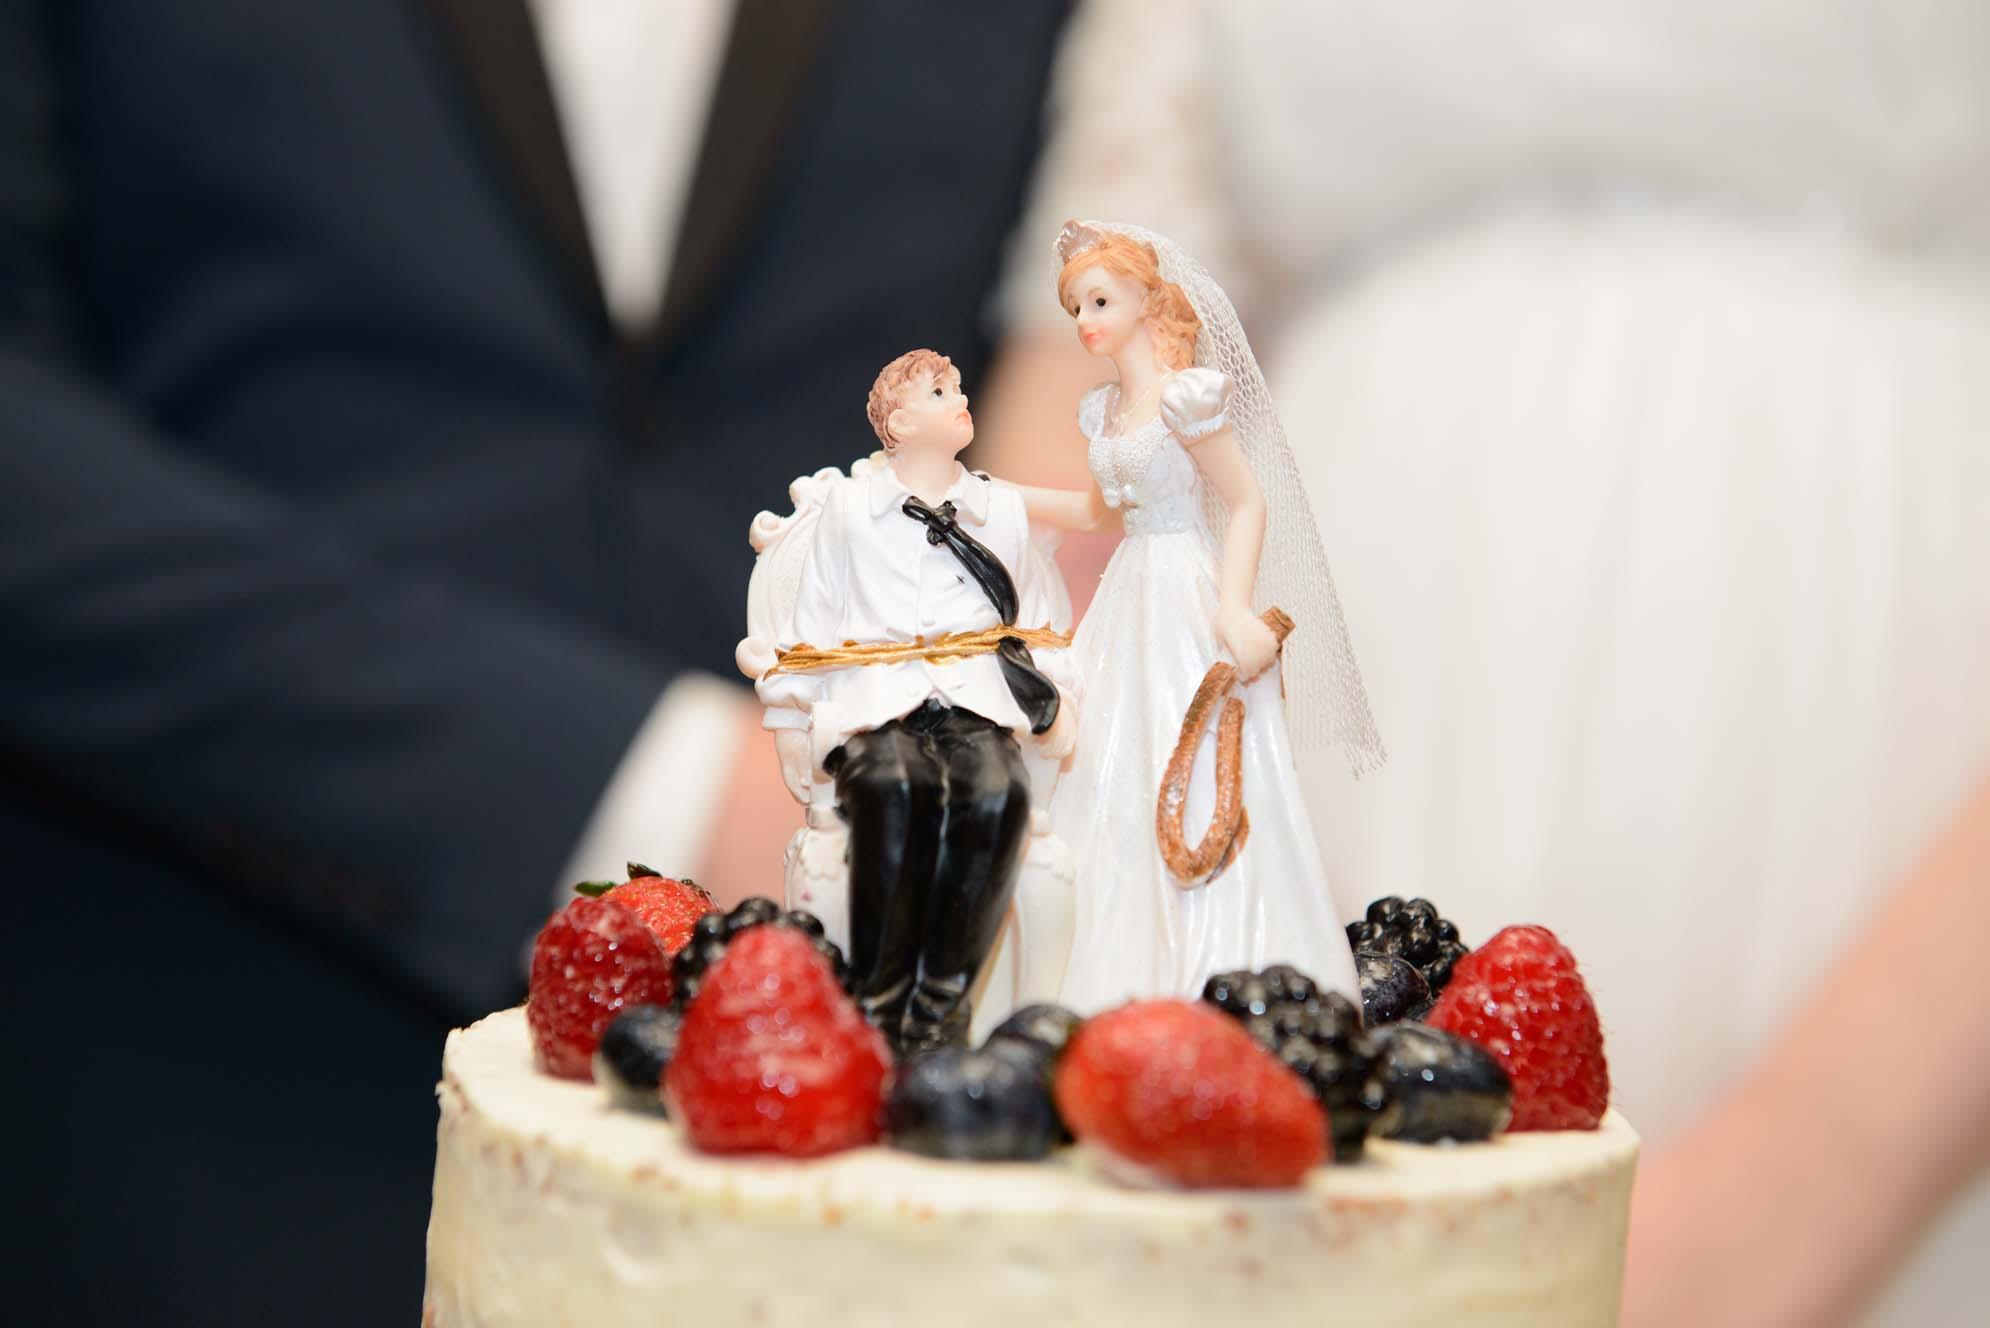 фотограф на свадьбу, фотосъемка свадьбы, свадебный фотограф, свадебная фотосессия, фото и видео на свадьбу